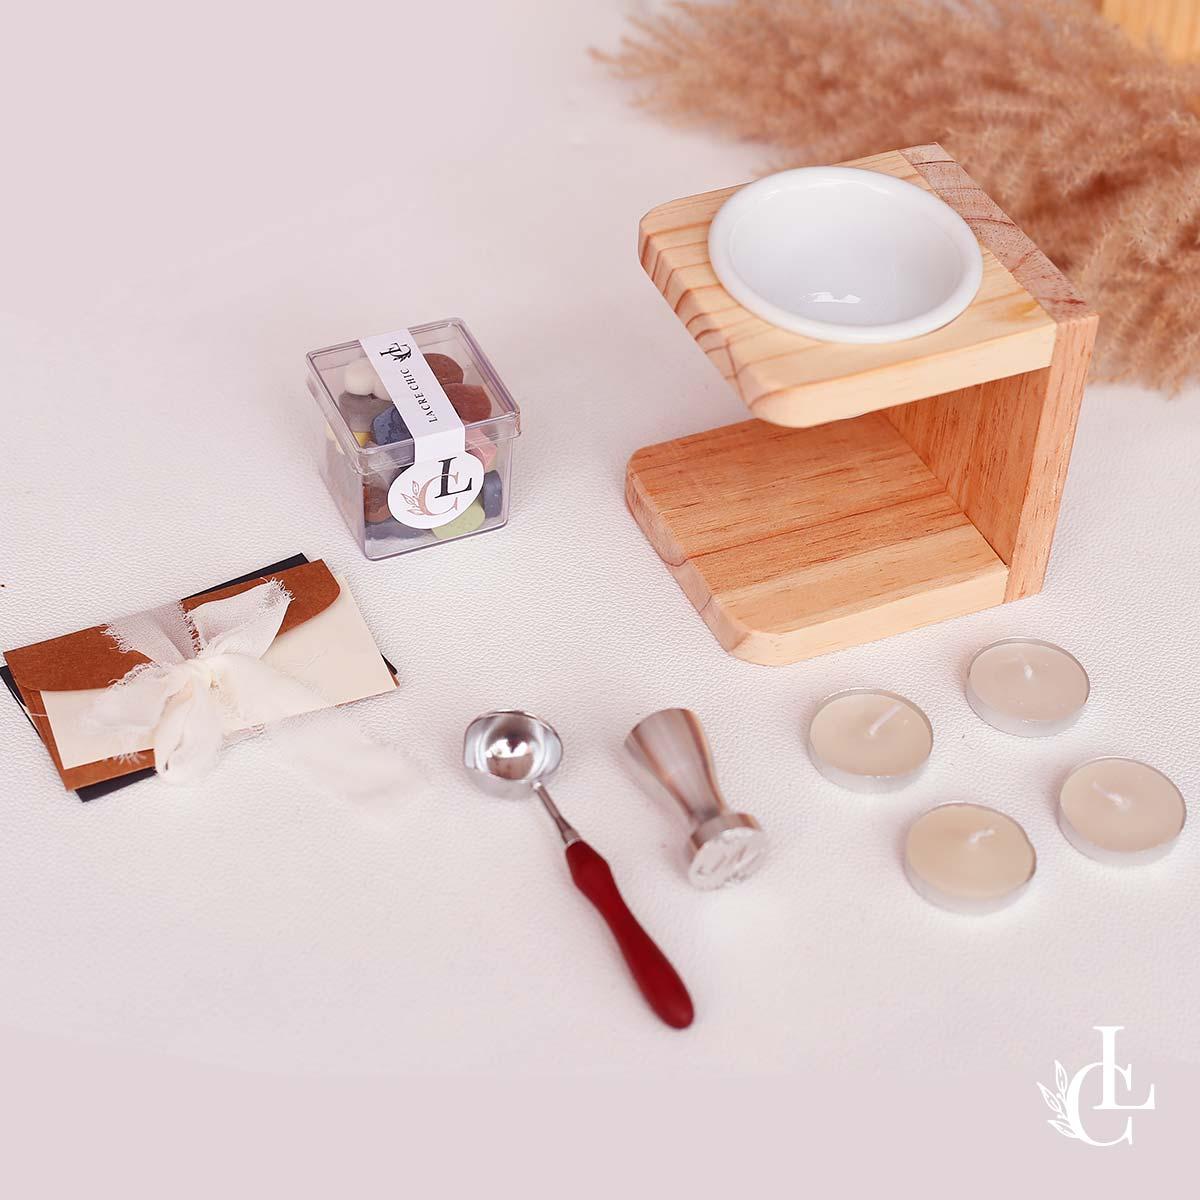 Kit lacre de cera padrão - Sinete, cera, colher dosadora e derretedeira